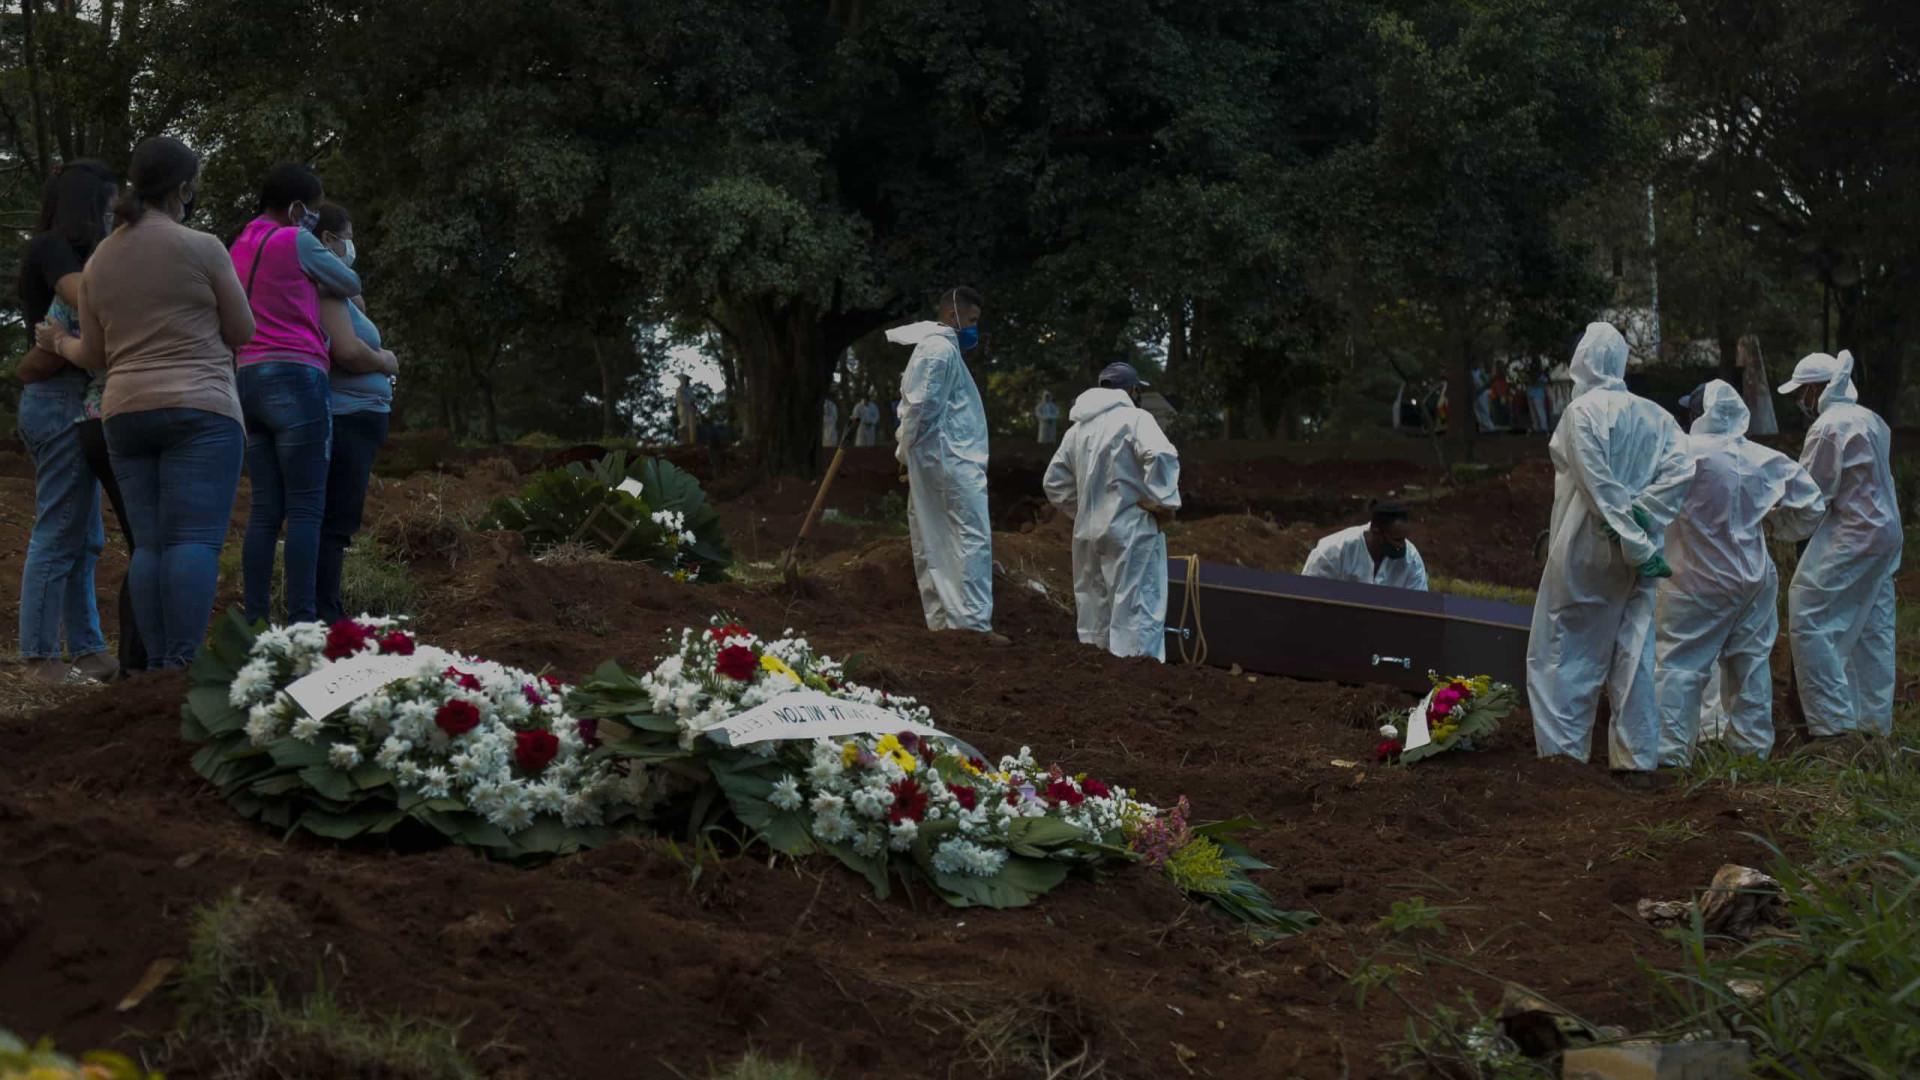 Brasil registra 1,2 mil mortes por covid-19 em 24h e soma 407,6 mil